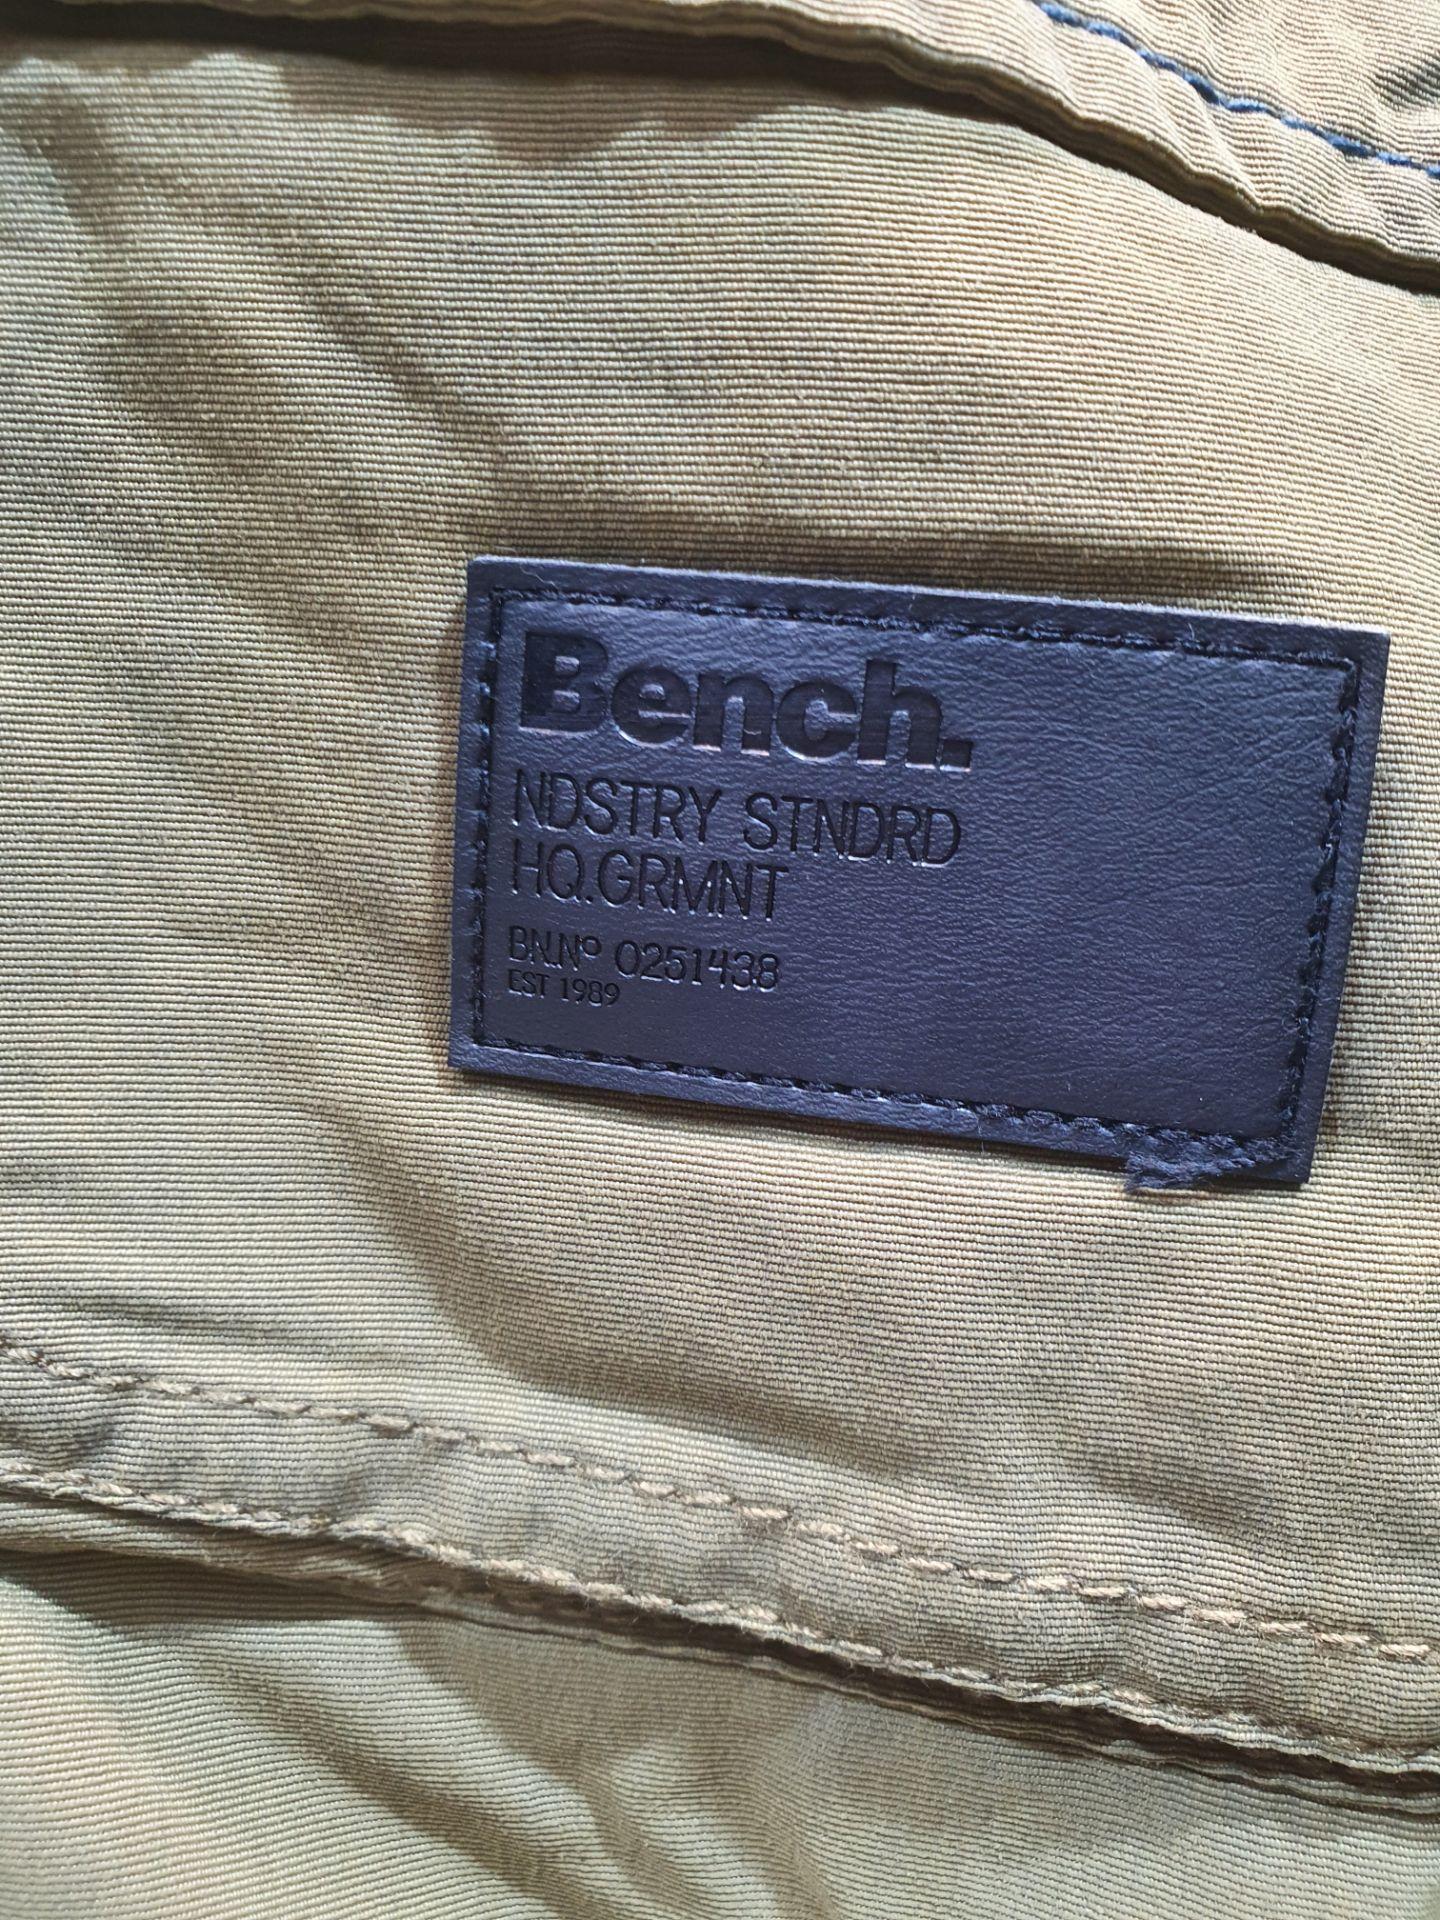 Bench Men's Funnel Neck Jacket - Image 3 of 4